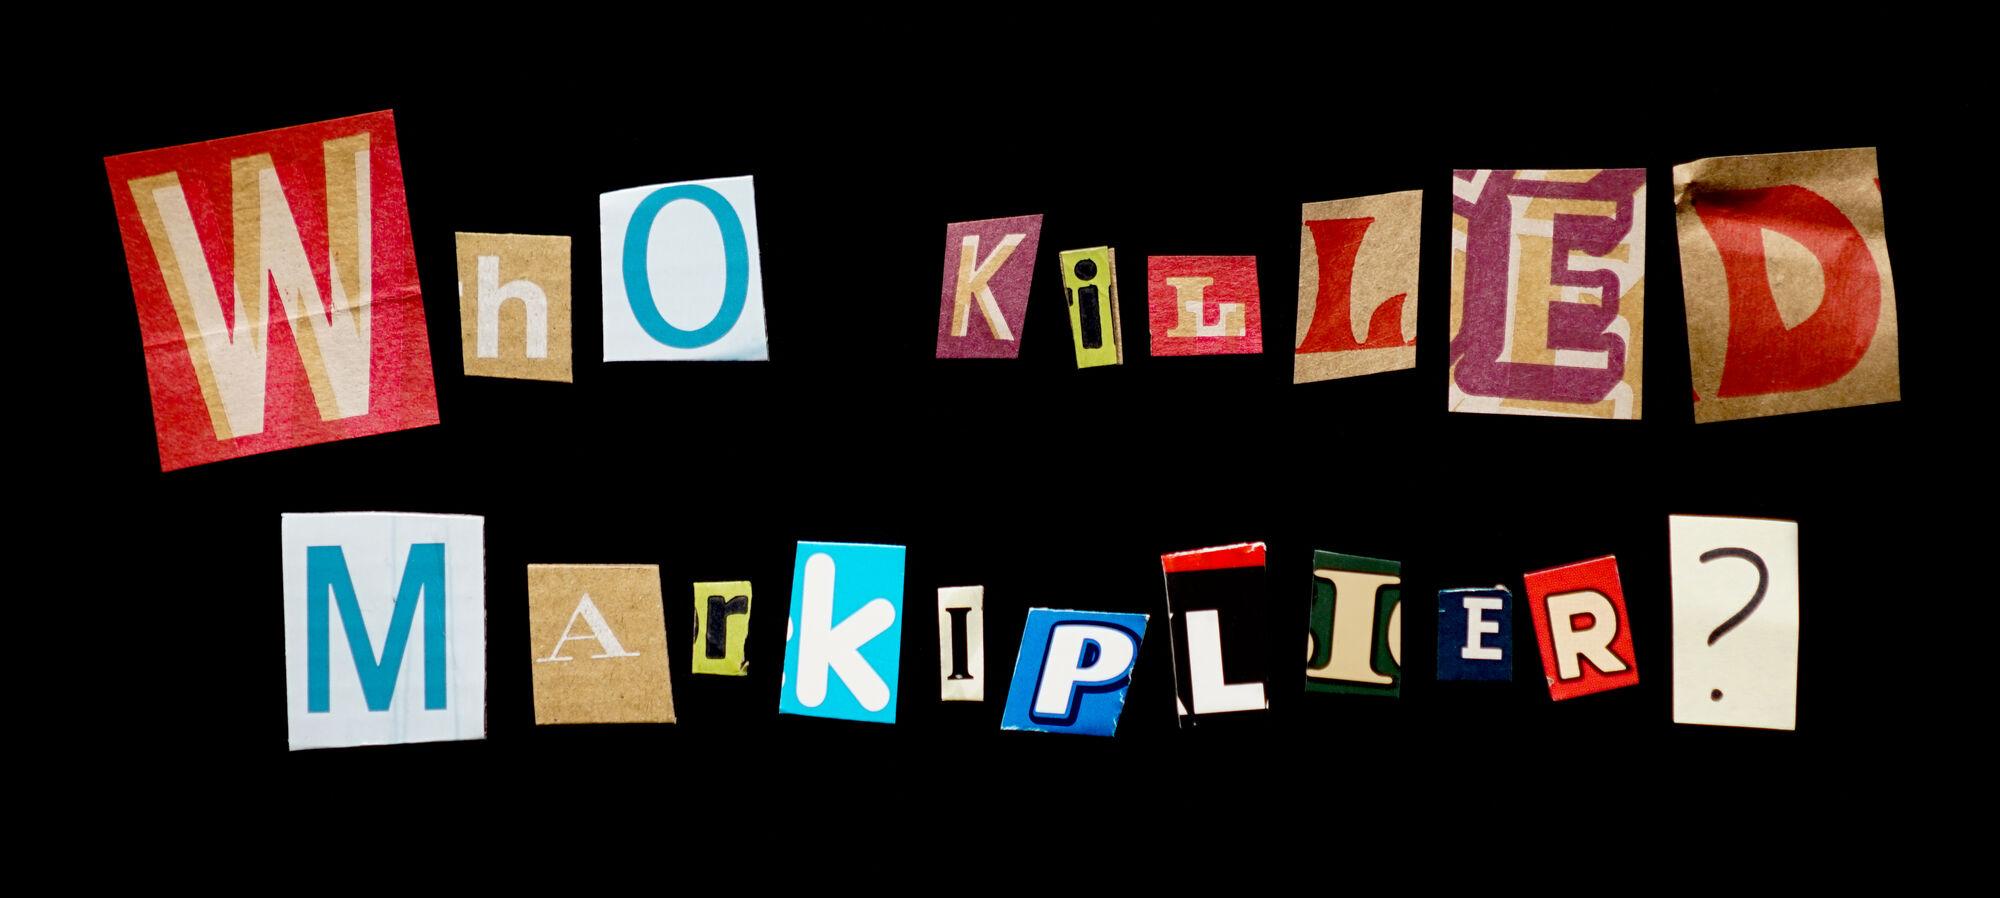 Who Killed Markiplier Markiplier Wiki FANDOM powered by Wikia 2000x898